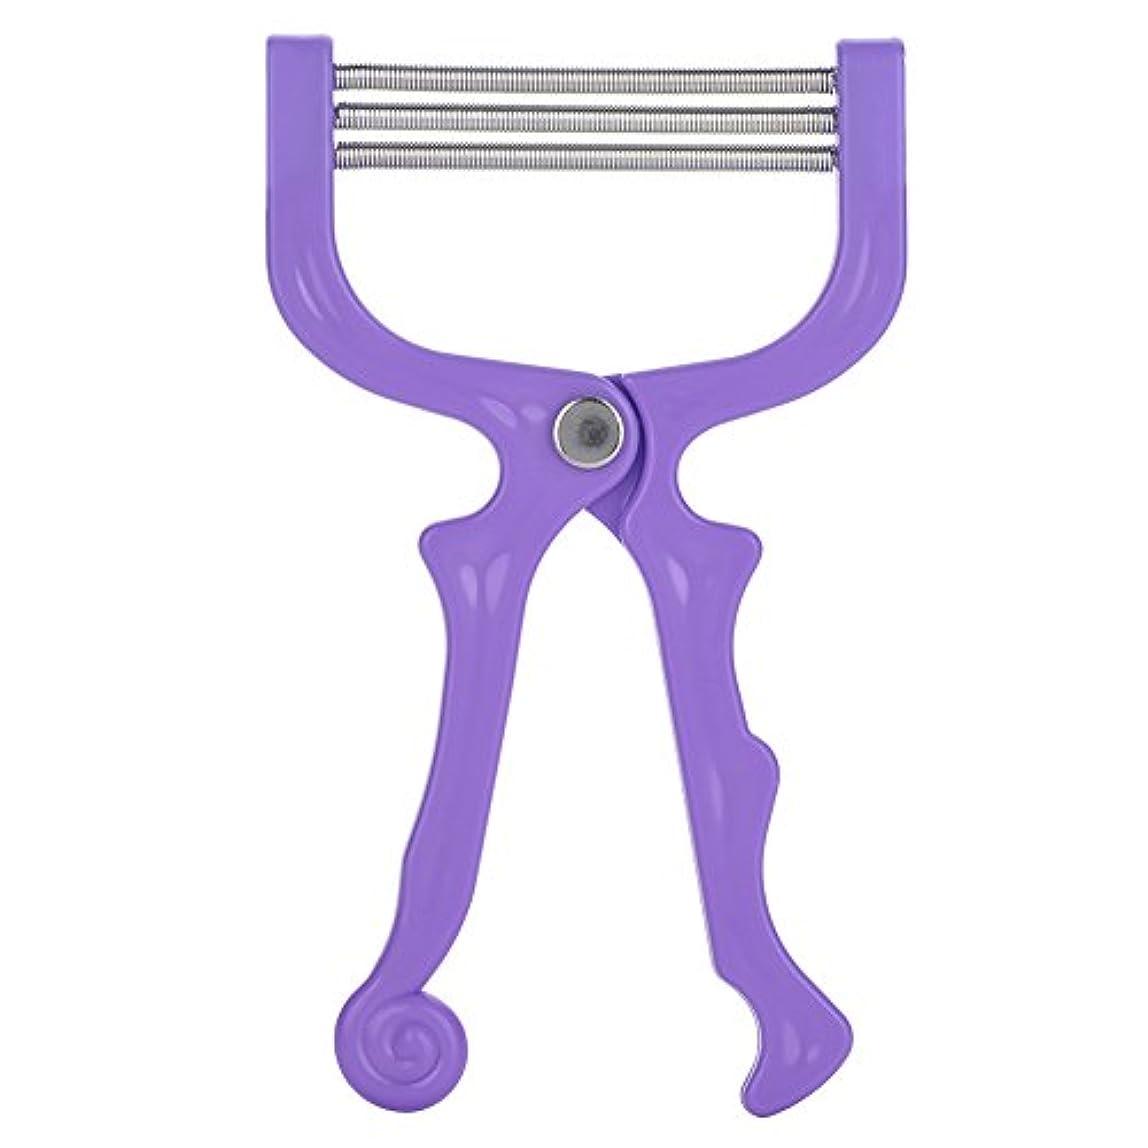 持っている気性興味SoarUp 除毛 脱毛装置 ポータブル脱毛 痛くない除毛ケア 顔用 口 持ち運び安い(パープル)